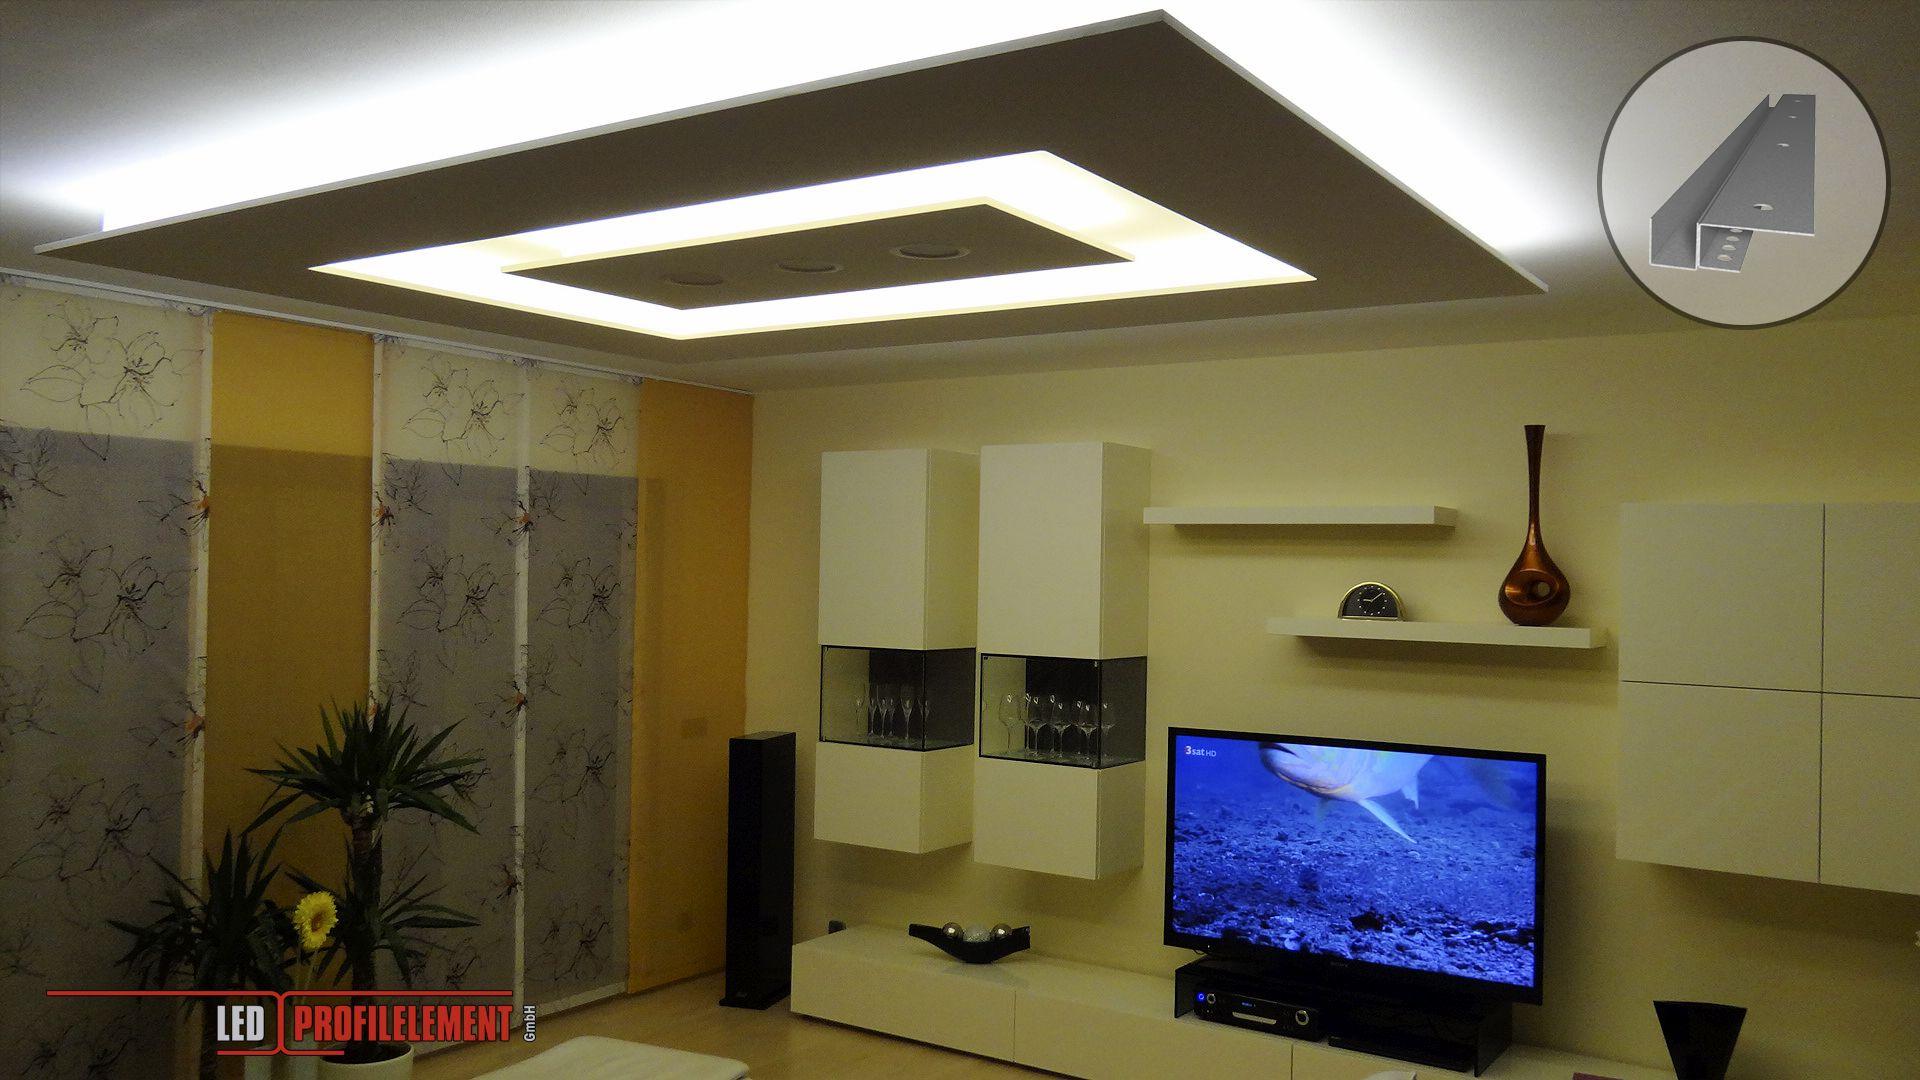 VitalCONTOUR verwandelt Technik in eine tolle Atmosphäre Elegante und energiesparende indirekte Beleuchtung einfach installiert